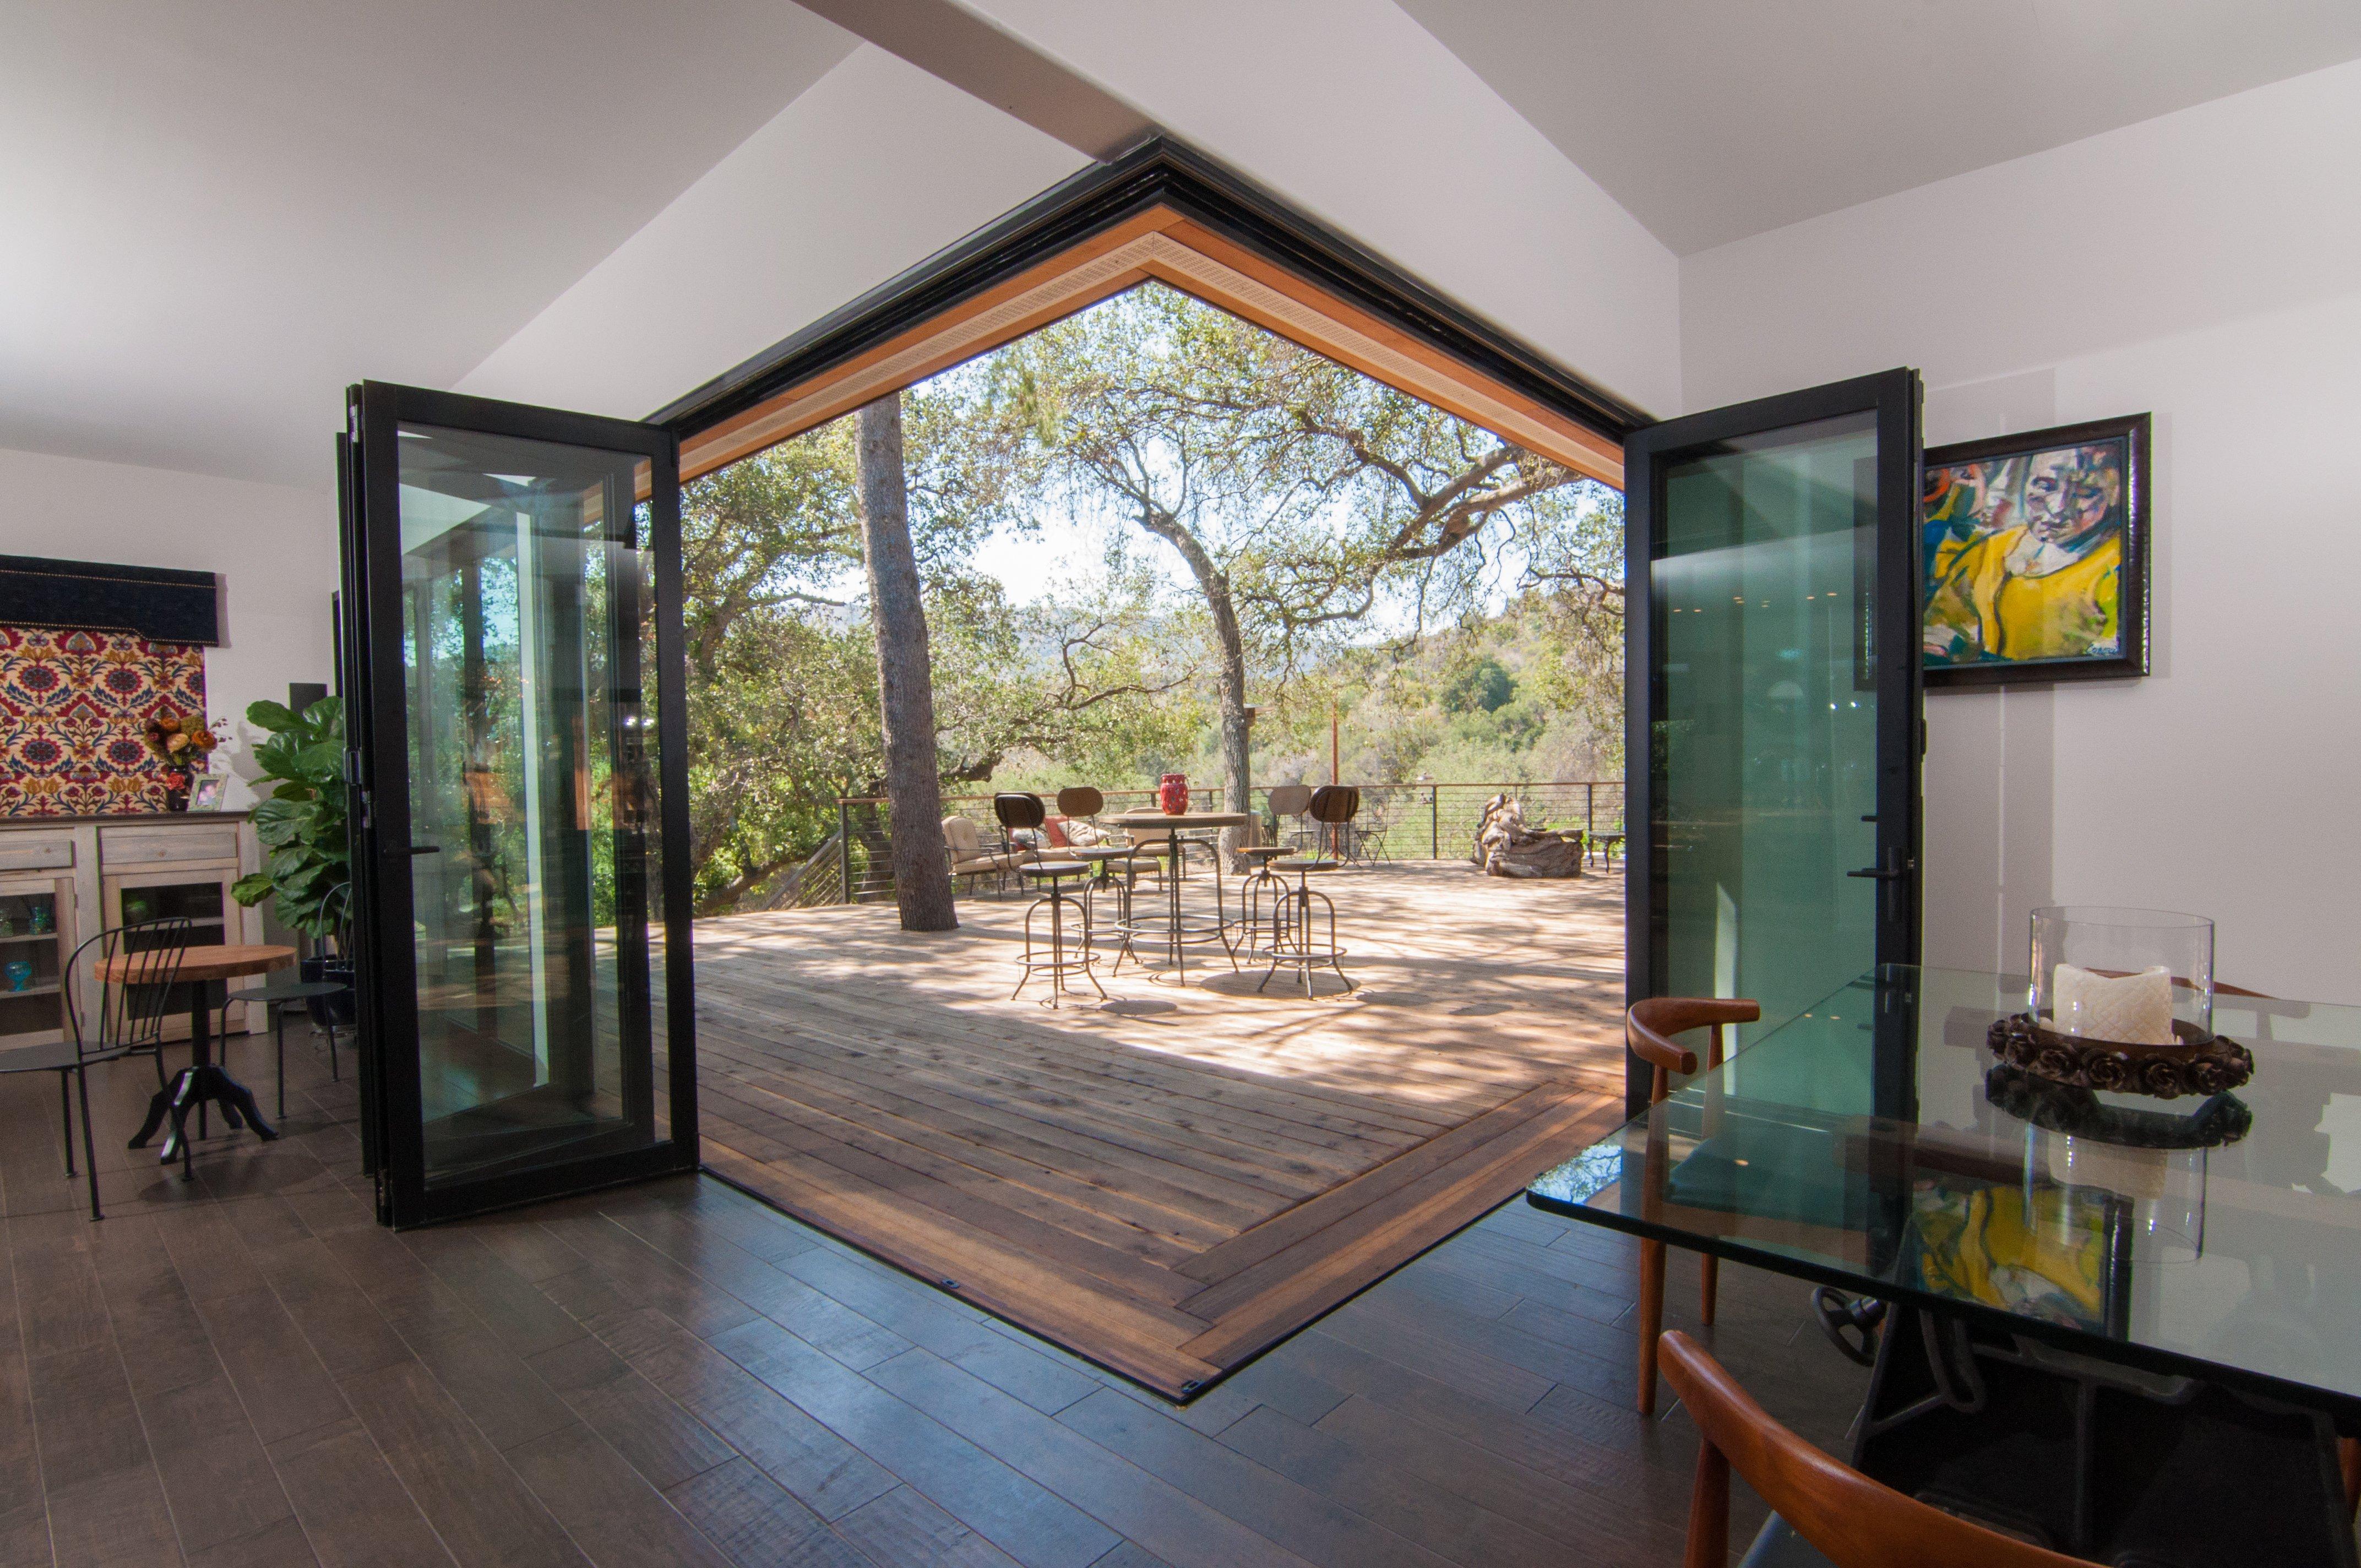 E+ Aluminum Folding Glass Doors and Windows & Lanai Doors E+ Energy Efficient Aluminum Folding Glass Door and ...